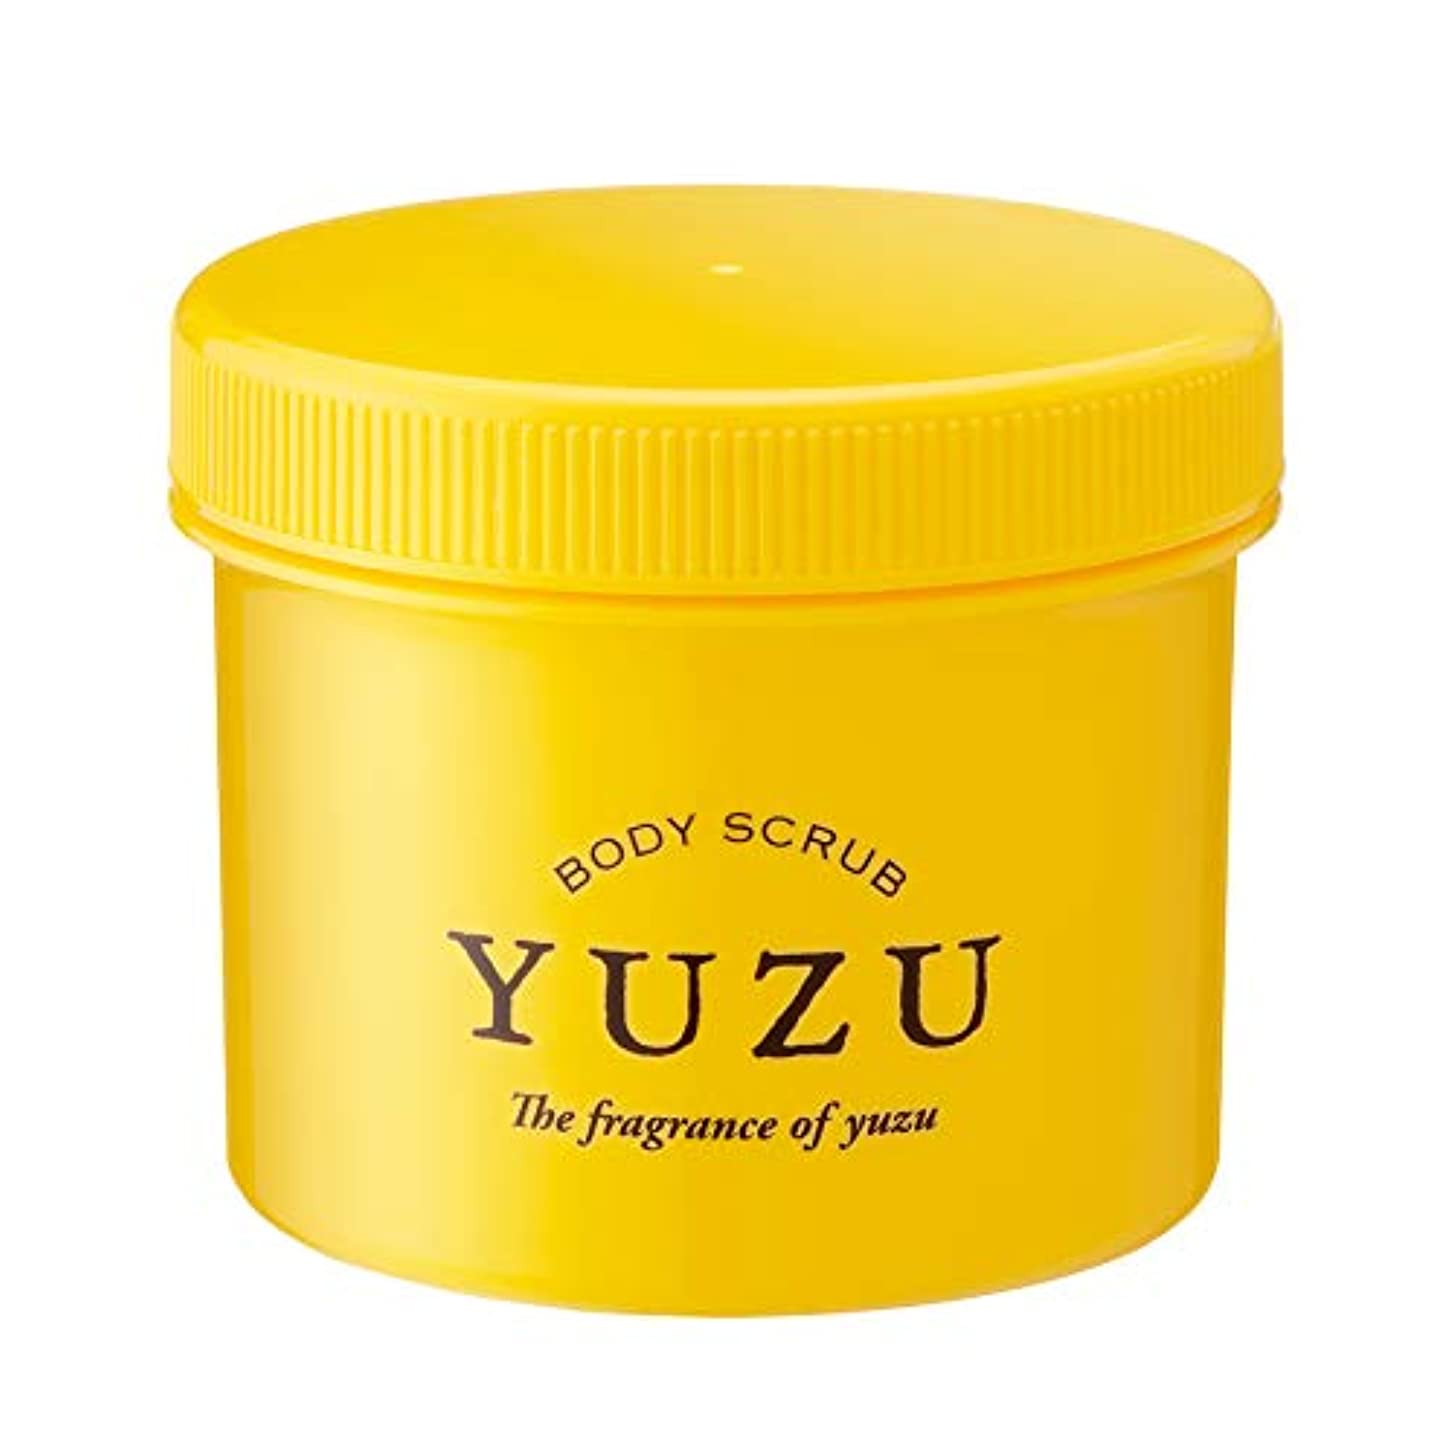 再び儀式ビリー(美健)ビケン YUZU ボディマッサージスクラブ 高知県ゆず精油のみで香り付け